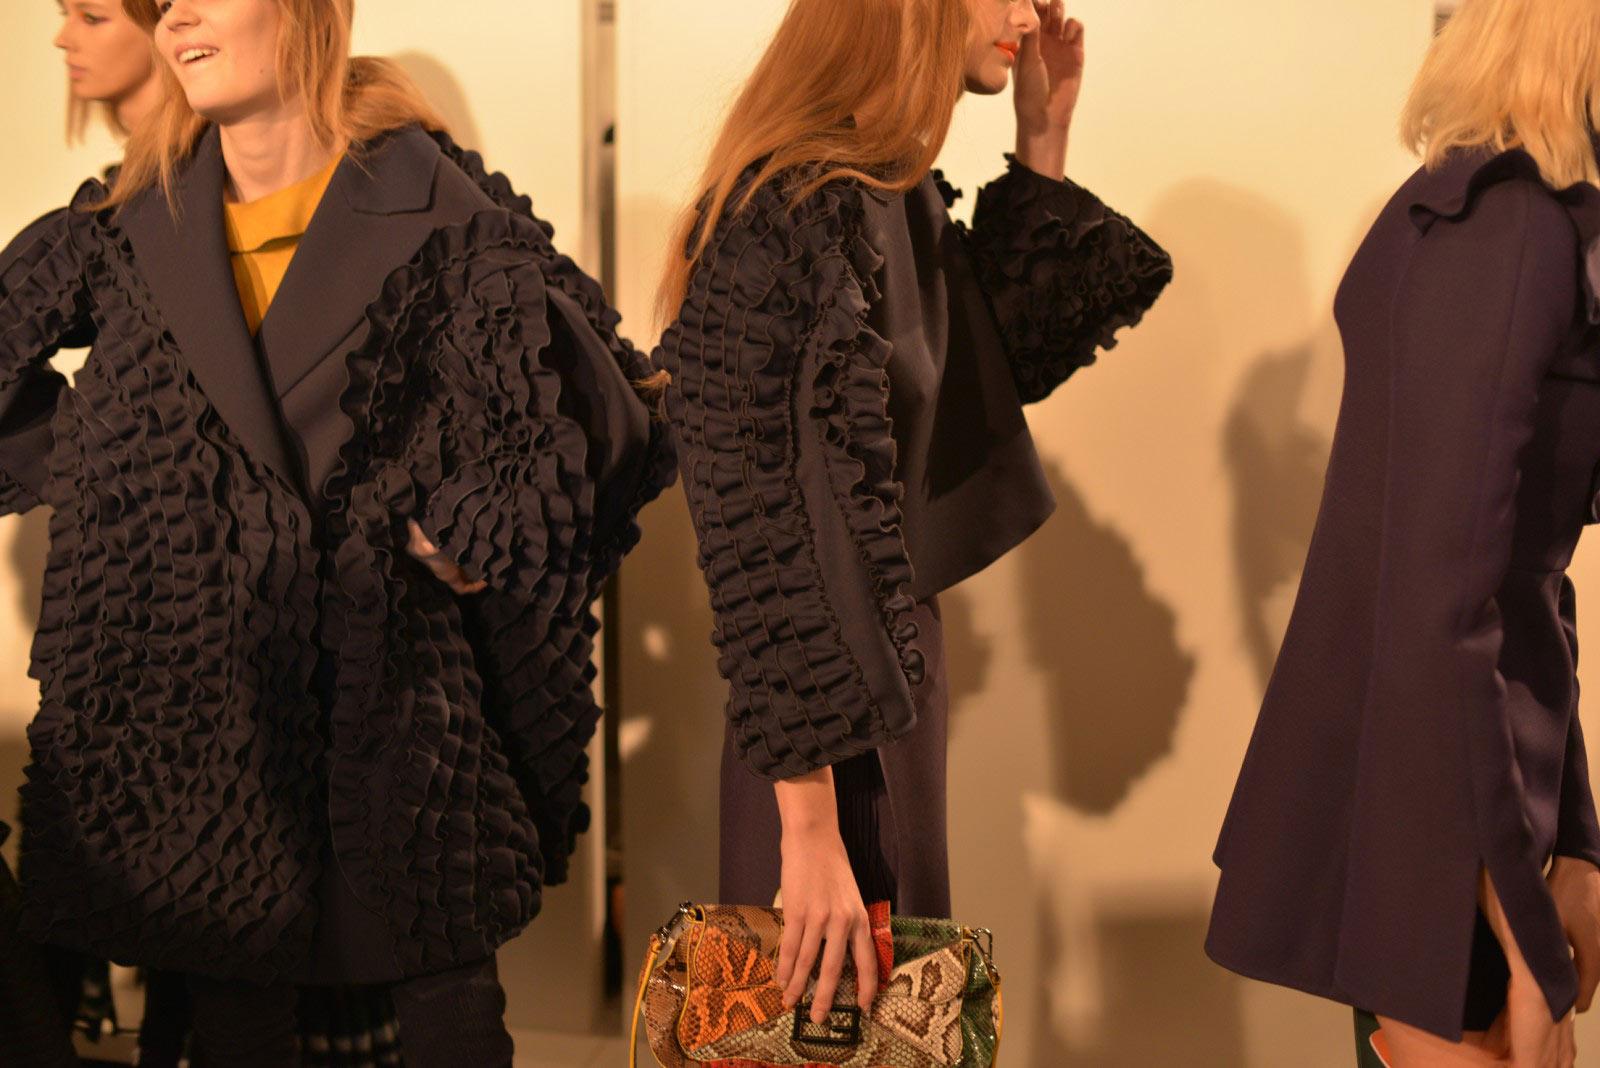 FENDI AW16 backstage up-close outfit shot during milan fashion week